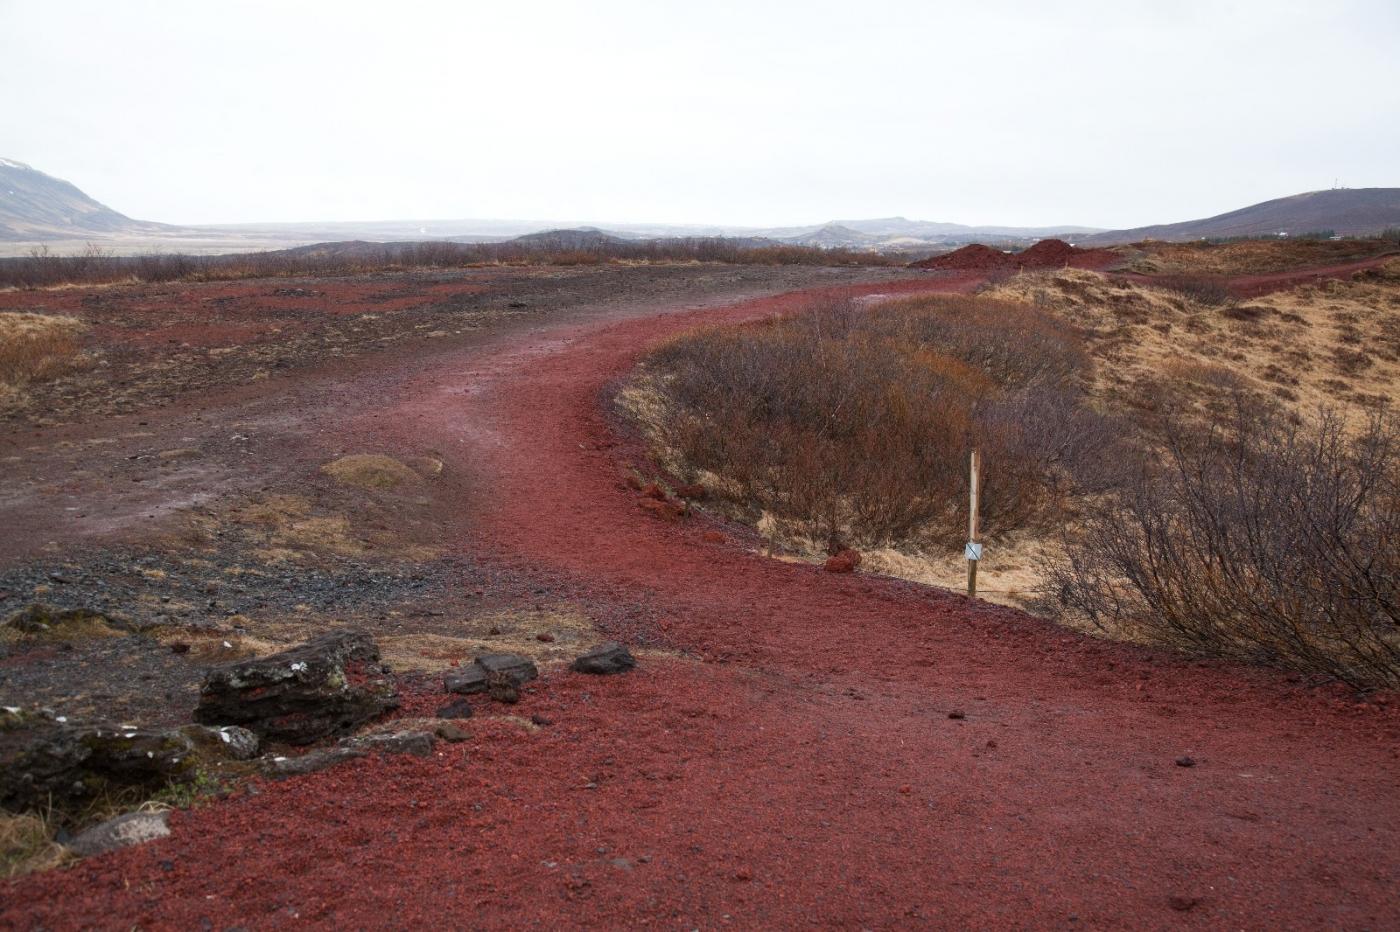 冰岛异国风情_图1-6